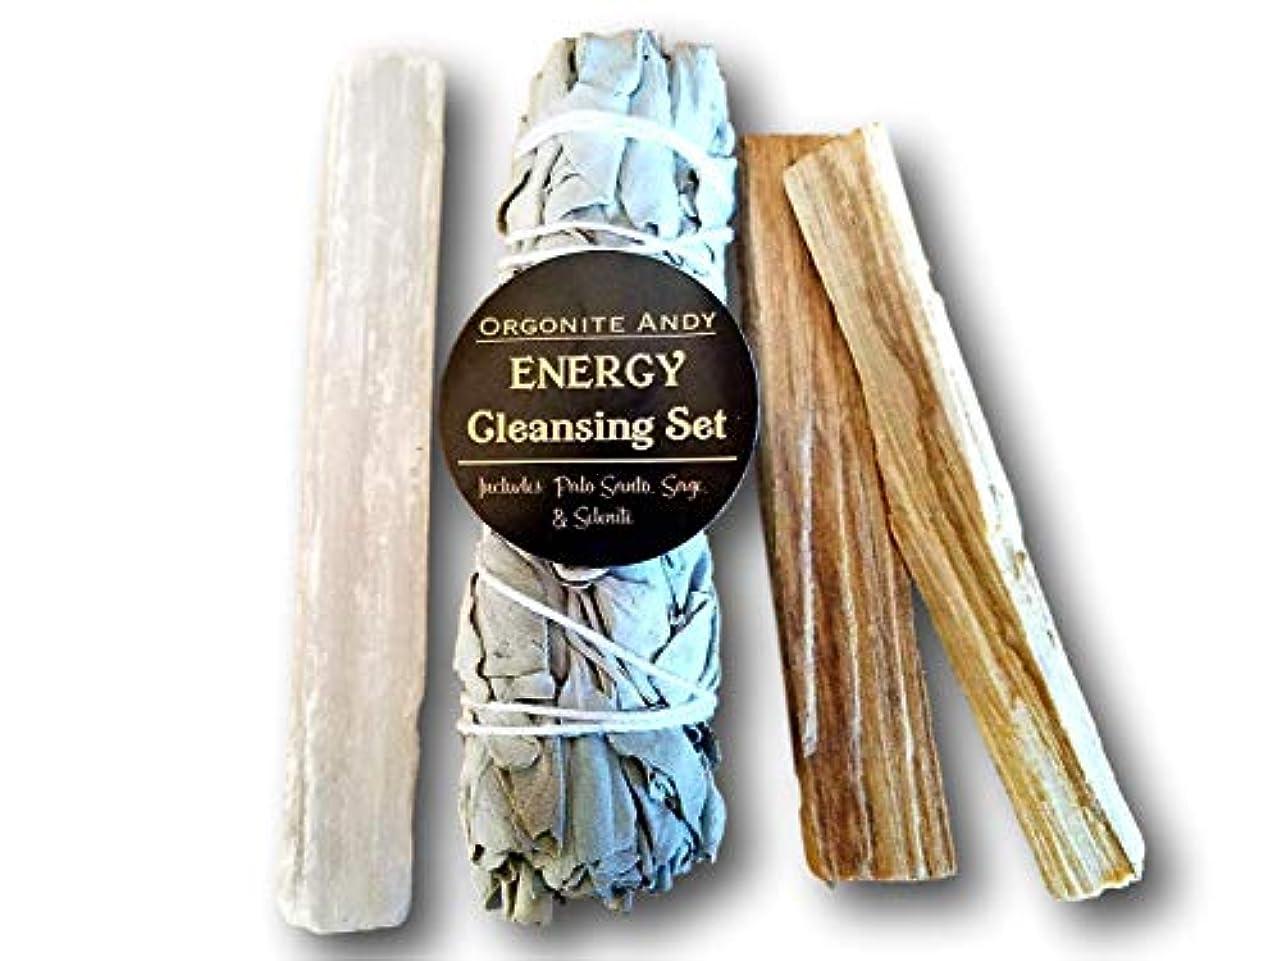 薄める努力置くためにパックogoniteアンディ?エネルギークレンジングセット – カリフォルニアホワイトセージバンドル、2 Palo Santoスティック、Raw砂漠のクリスタルWand – Smudgeキット – Natural Herbal...